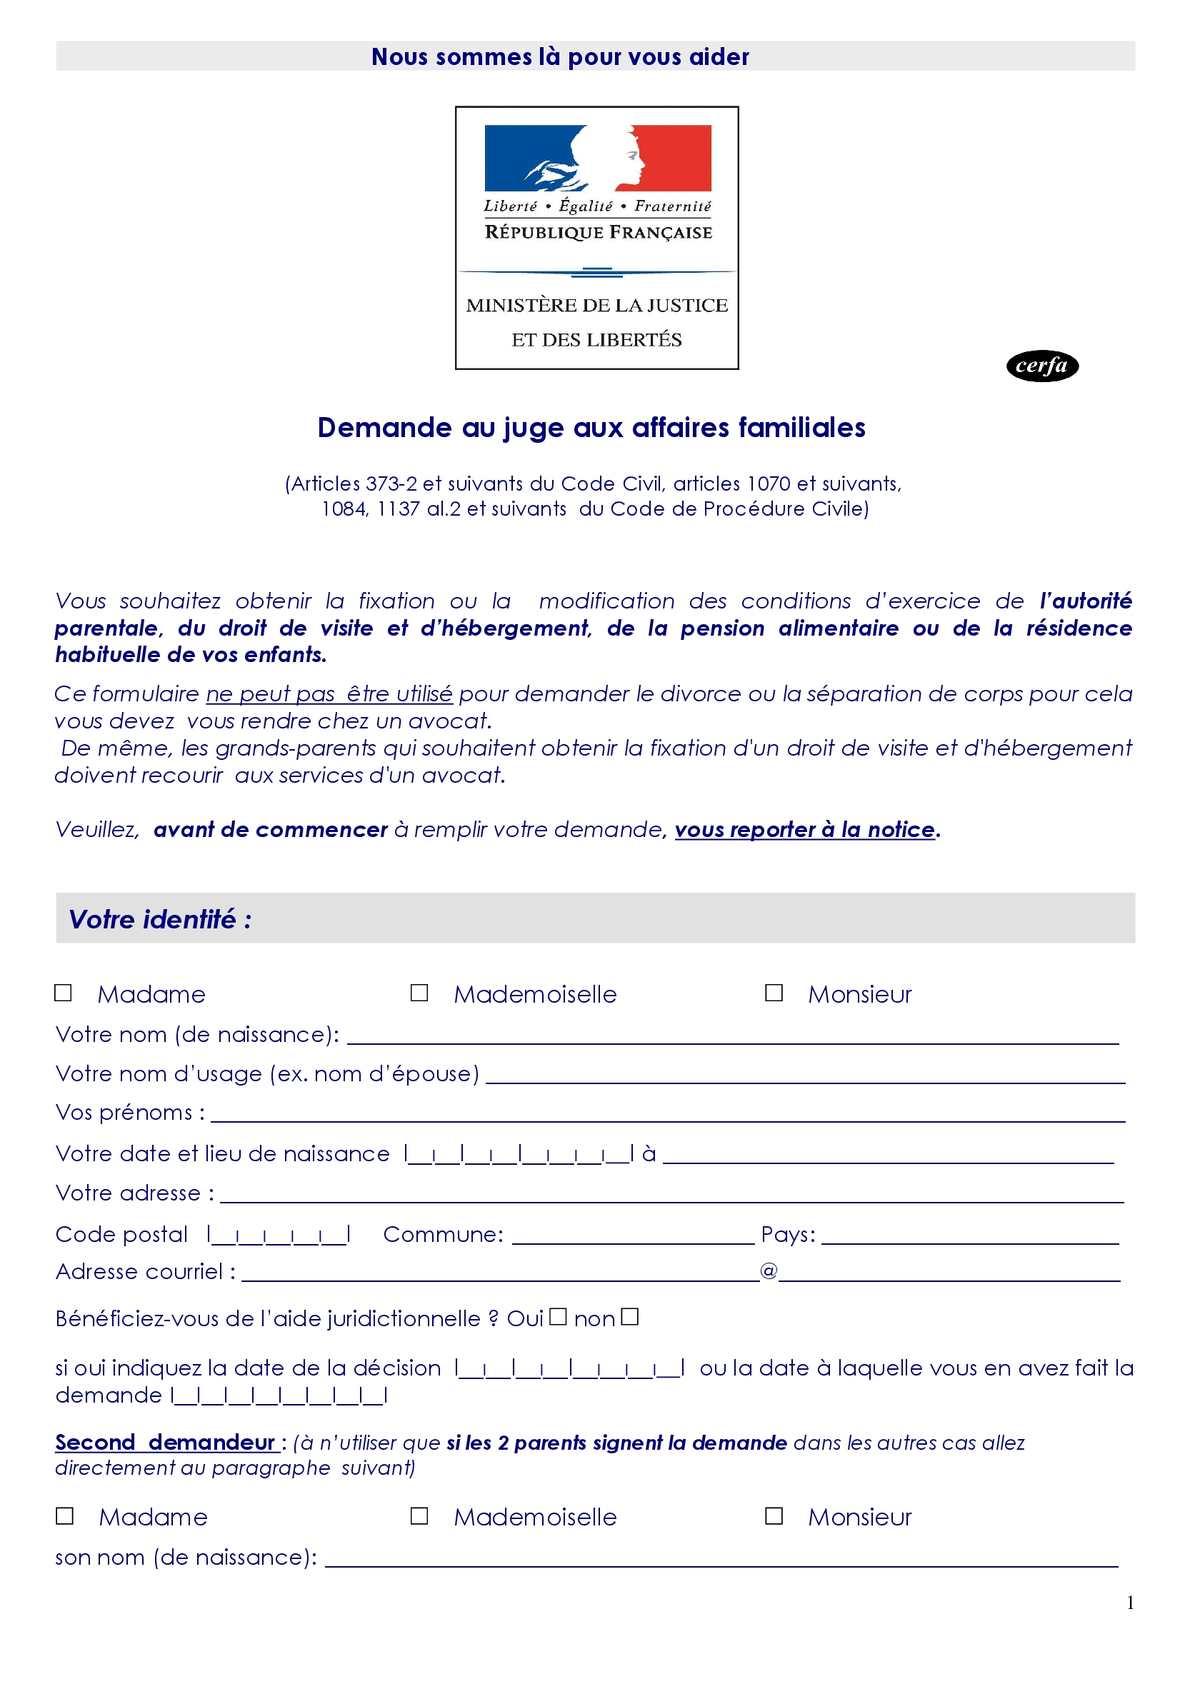 Calam o imprim type formulaire requ te saisine jaf demande au juge aux affaires familiales - Comment obtenir un avocat commis d office ...